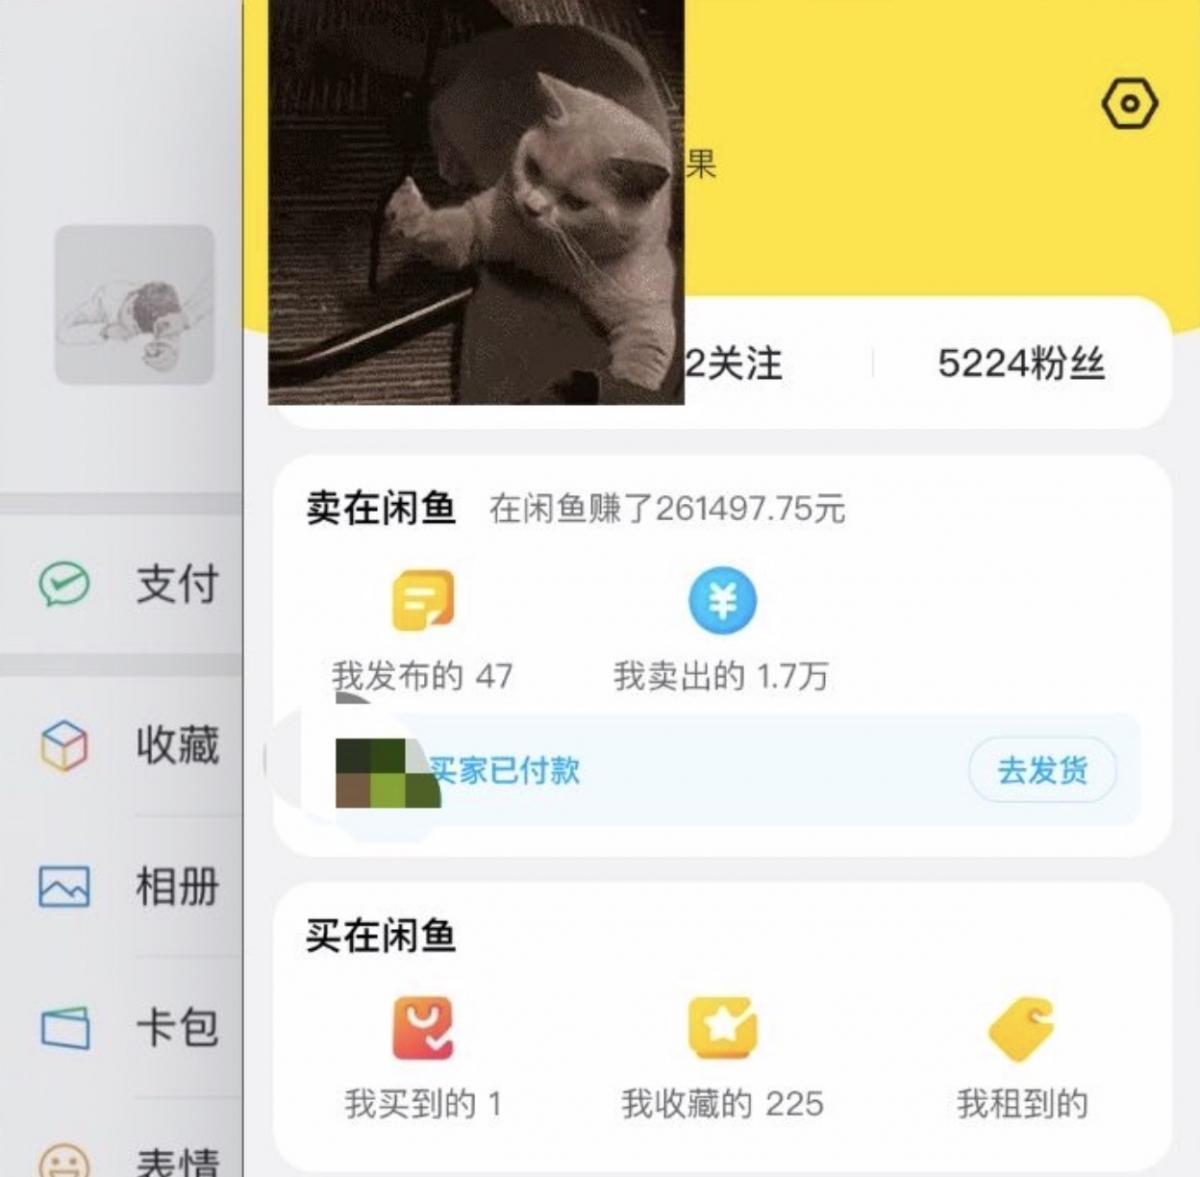 淘宝闲鱼#闲鱼无货源赚钱创业课程,价值10万!